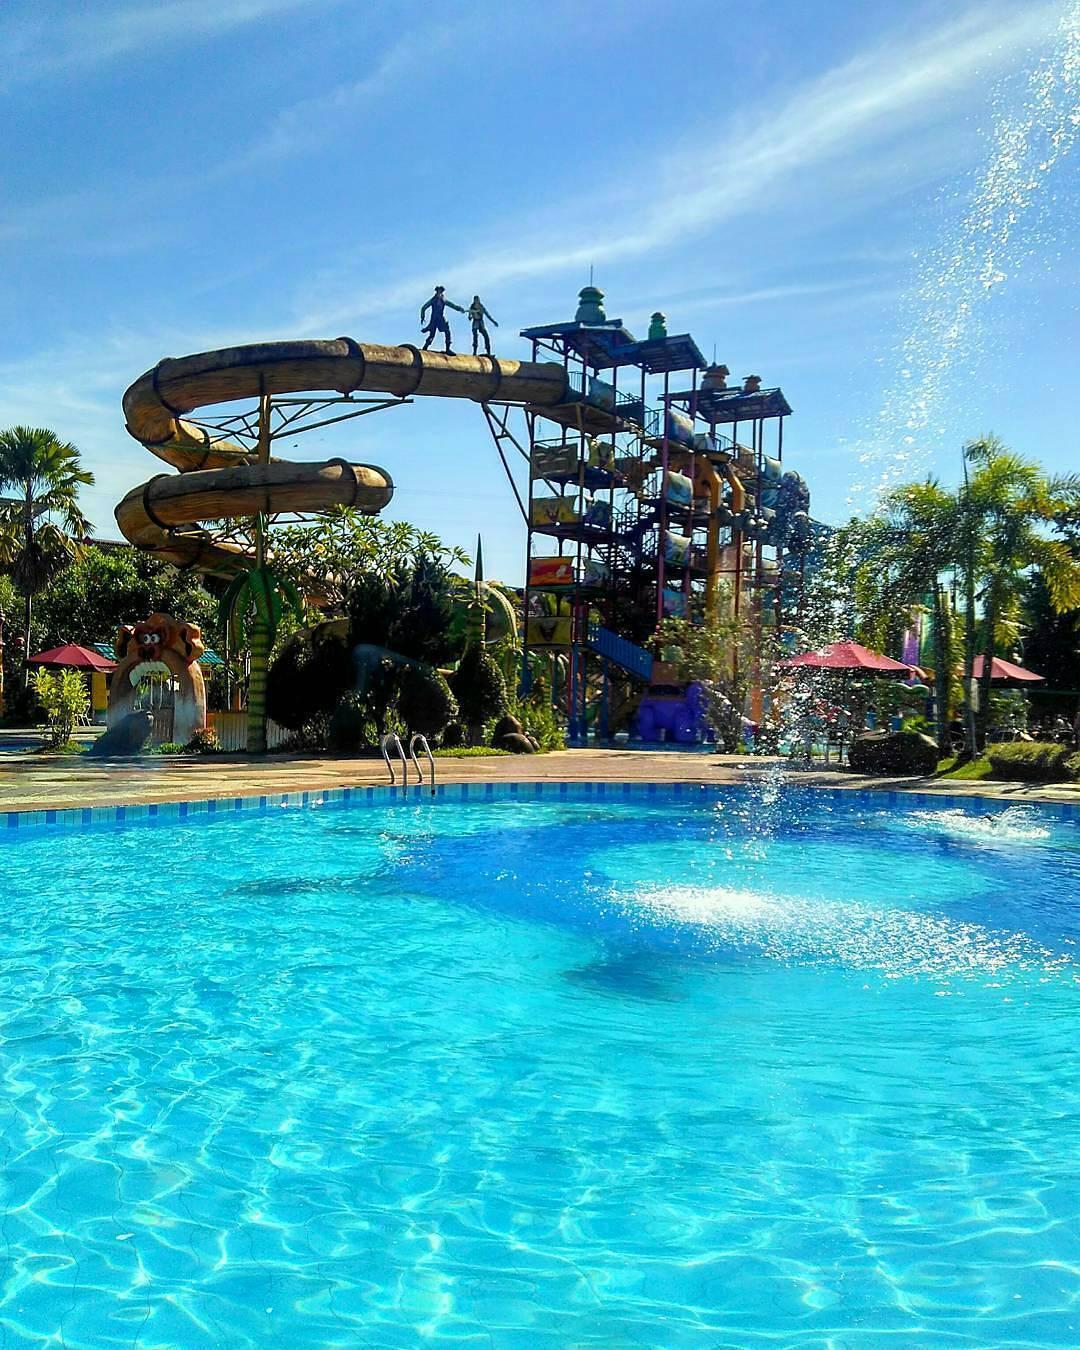 jernihnya air kolam di caribbean island waterpark balikpapan